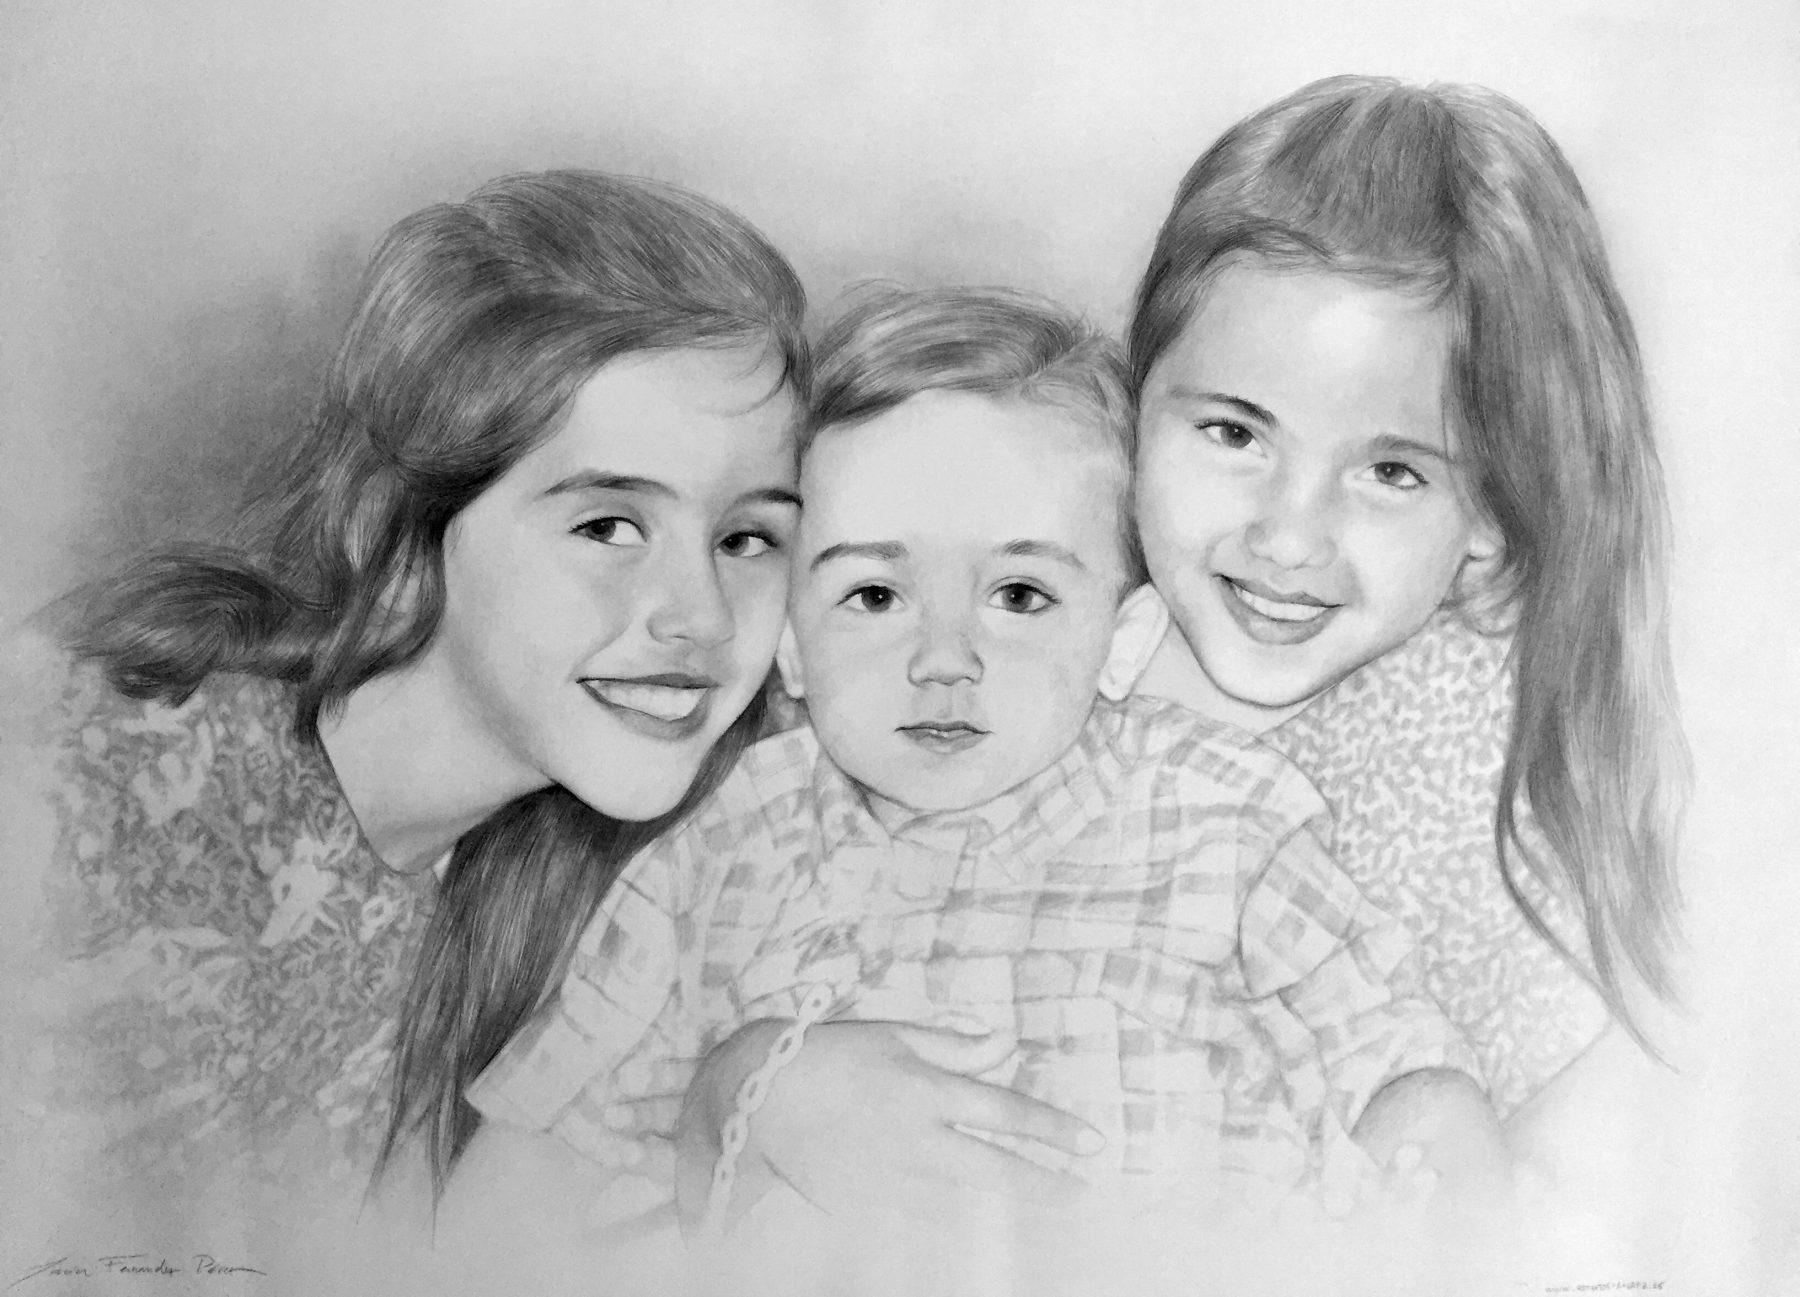 retratos-por-encargo-132-e1488842020273